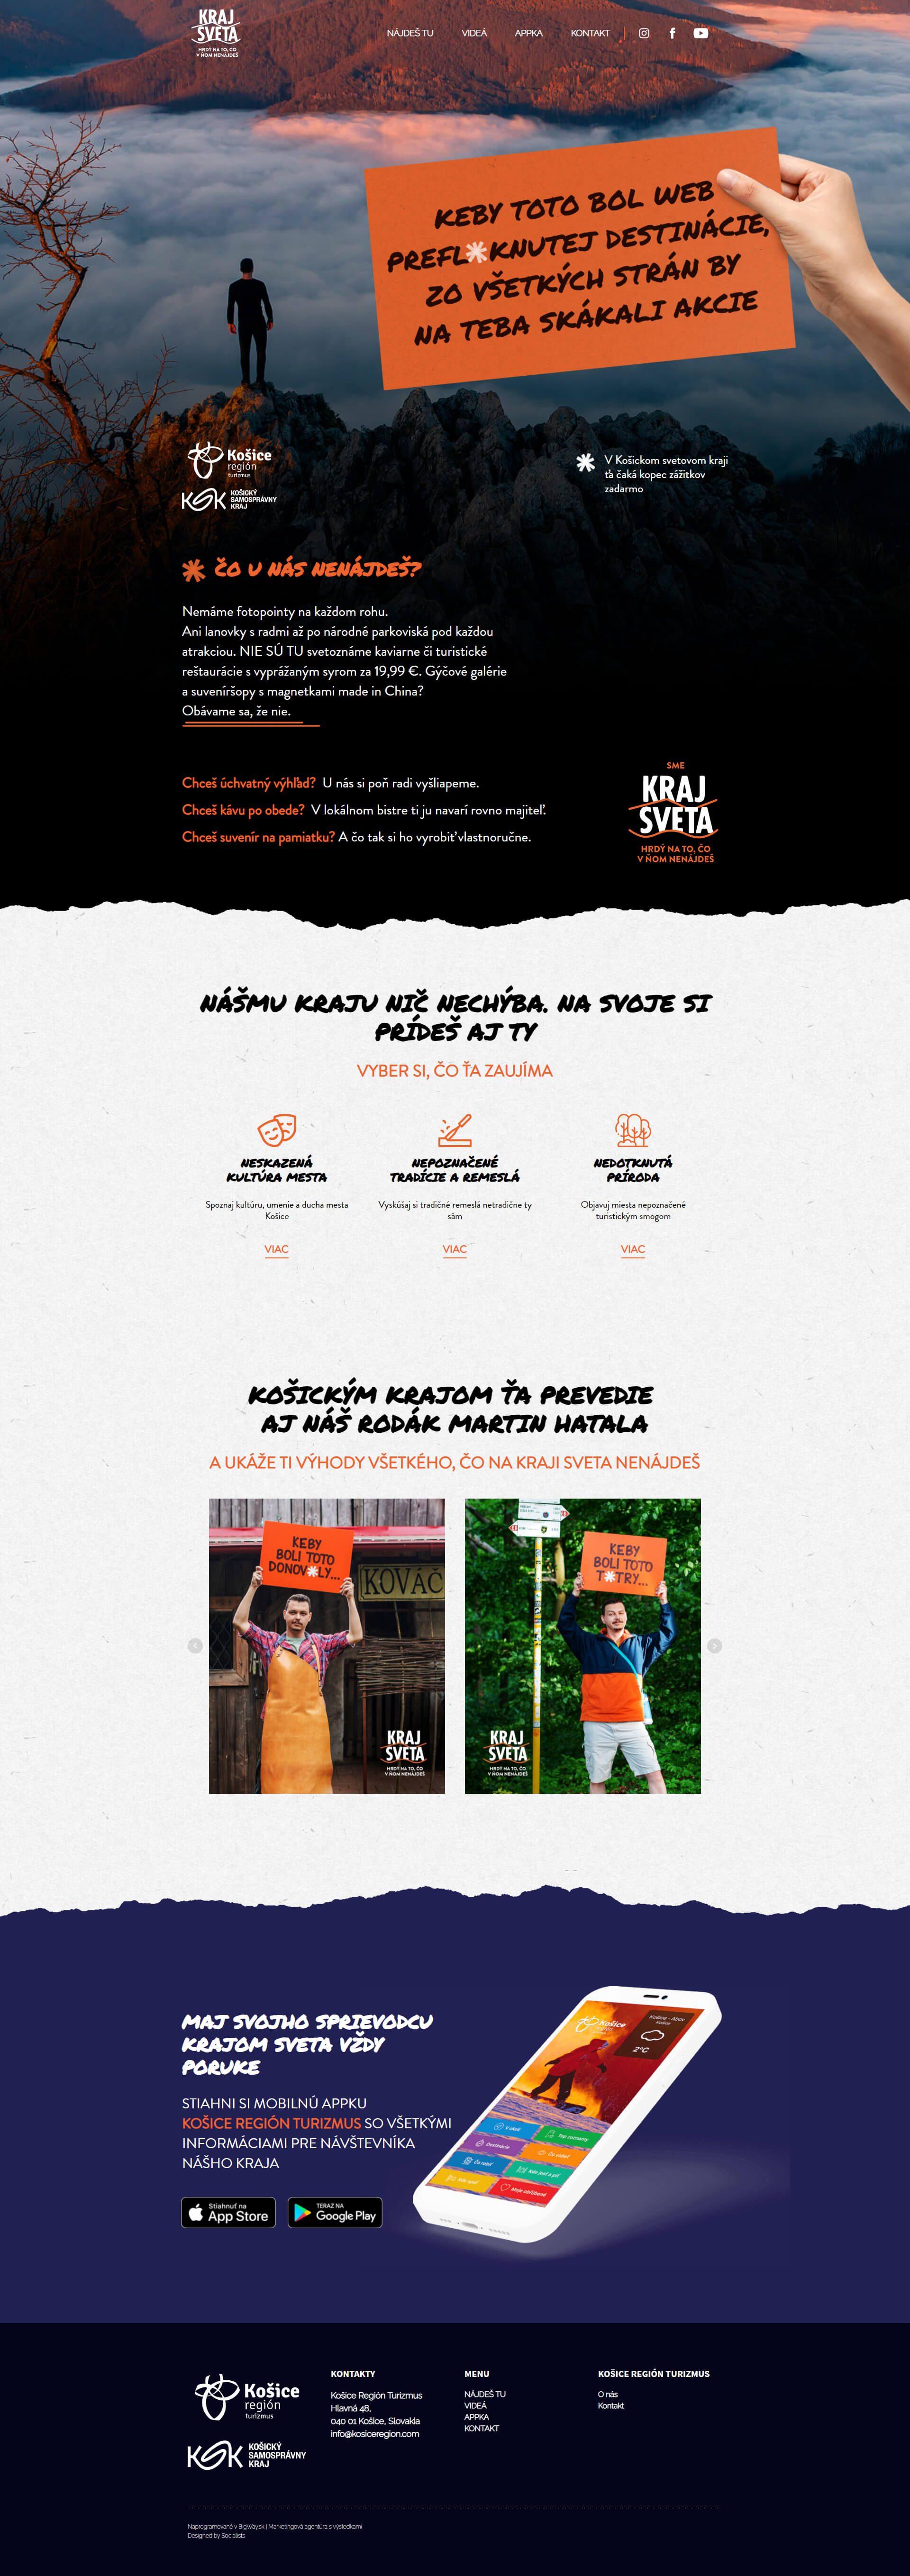 Tvorba webu pre destinačnú kampaň Kraj sveta